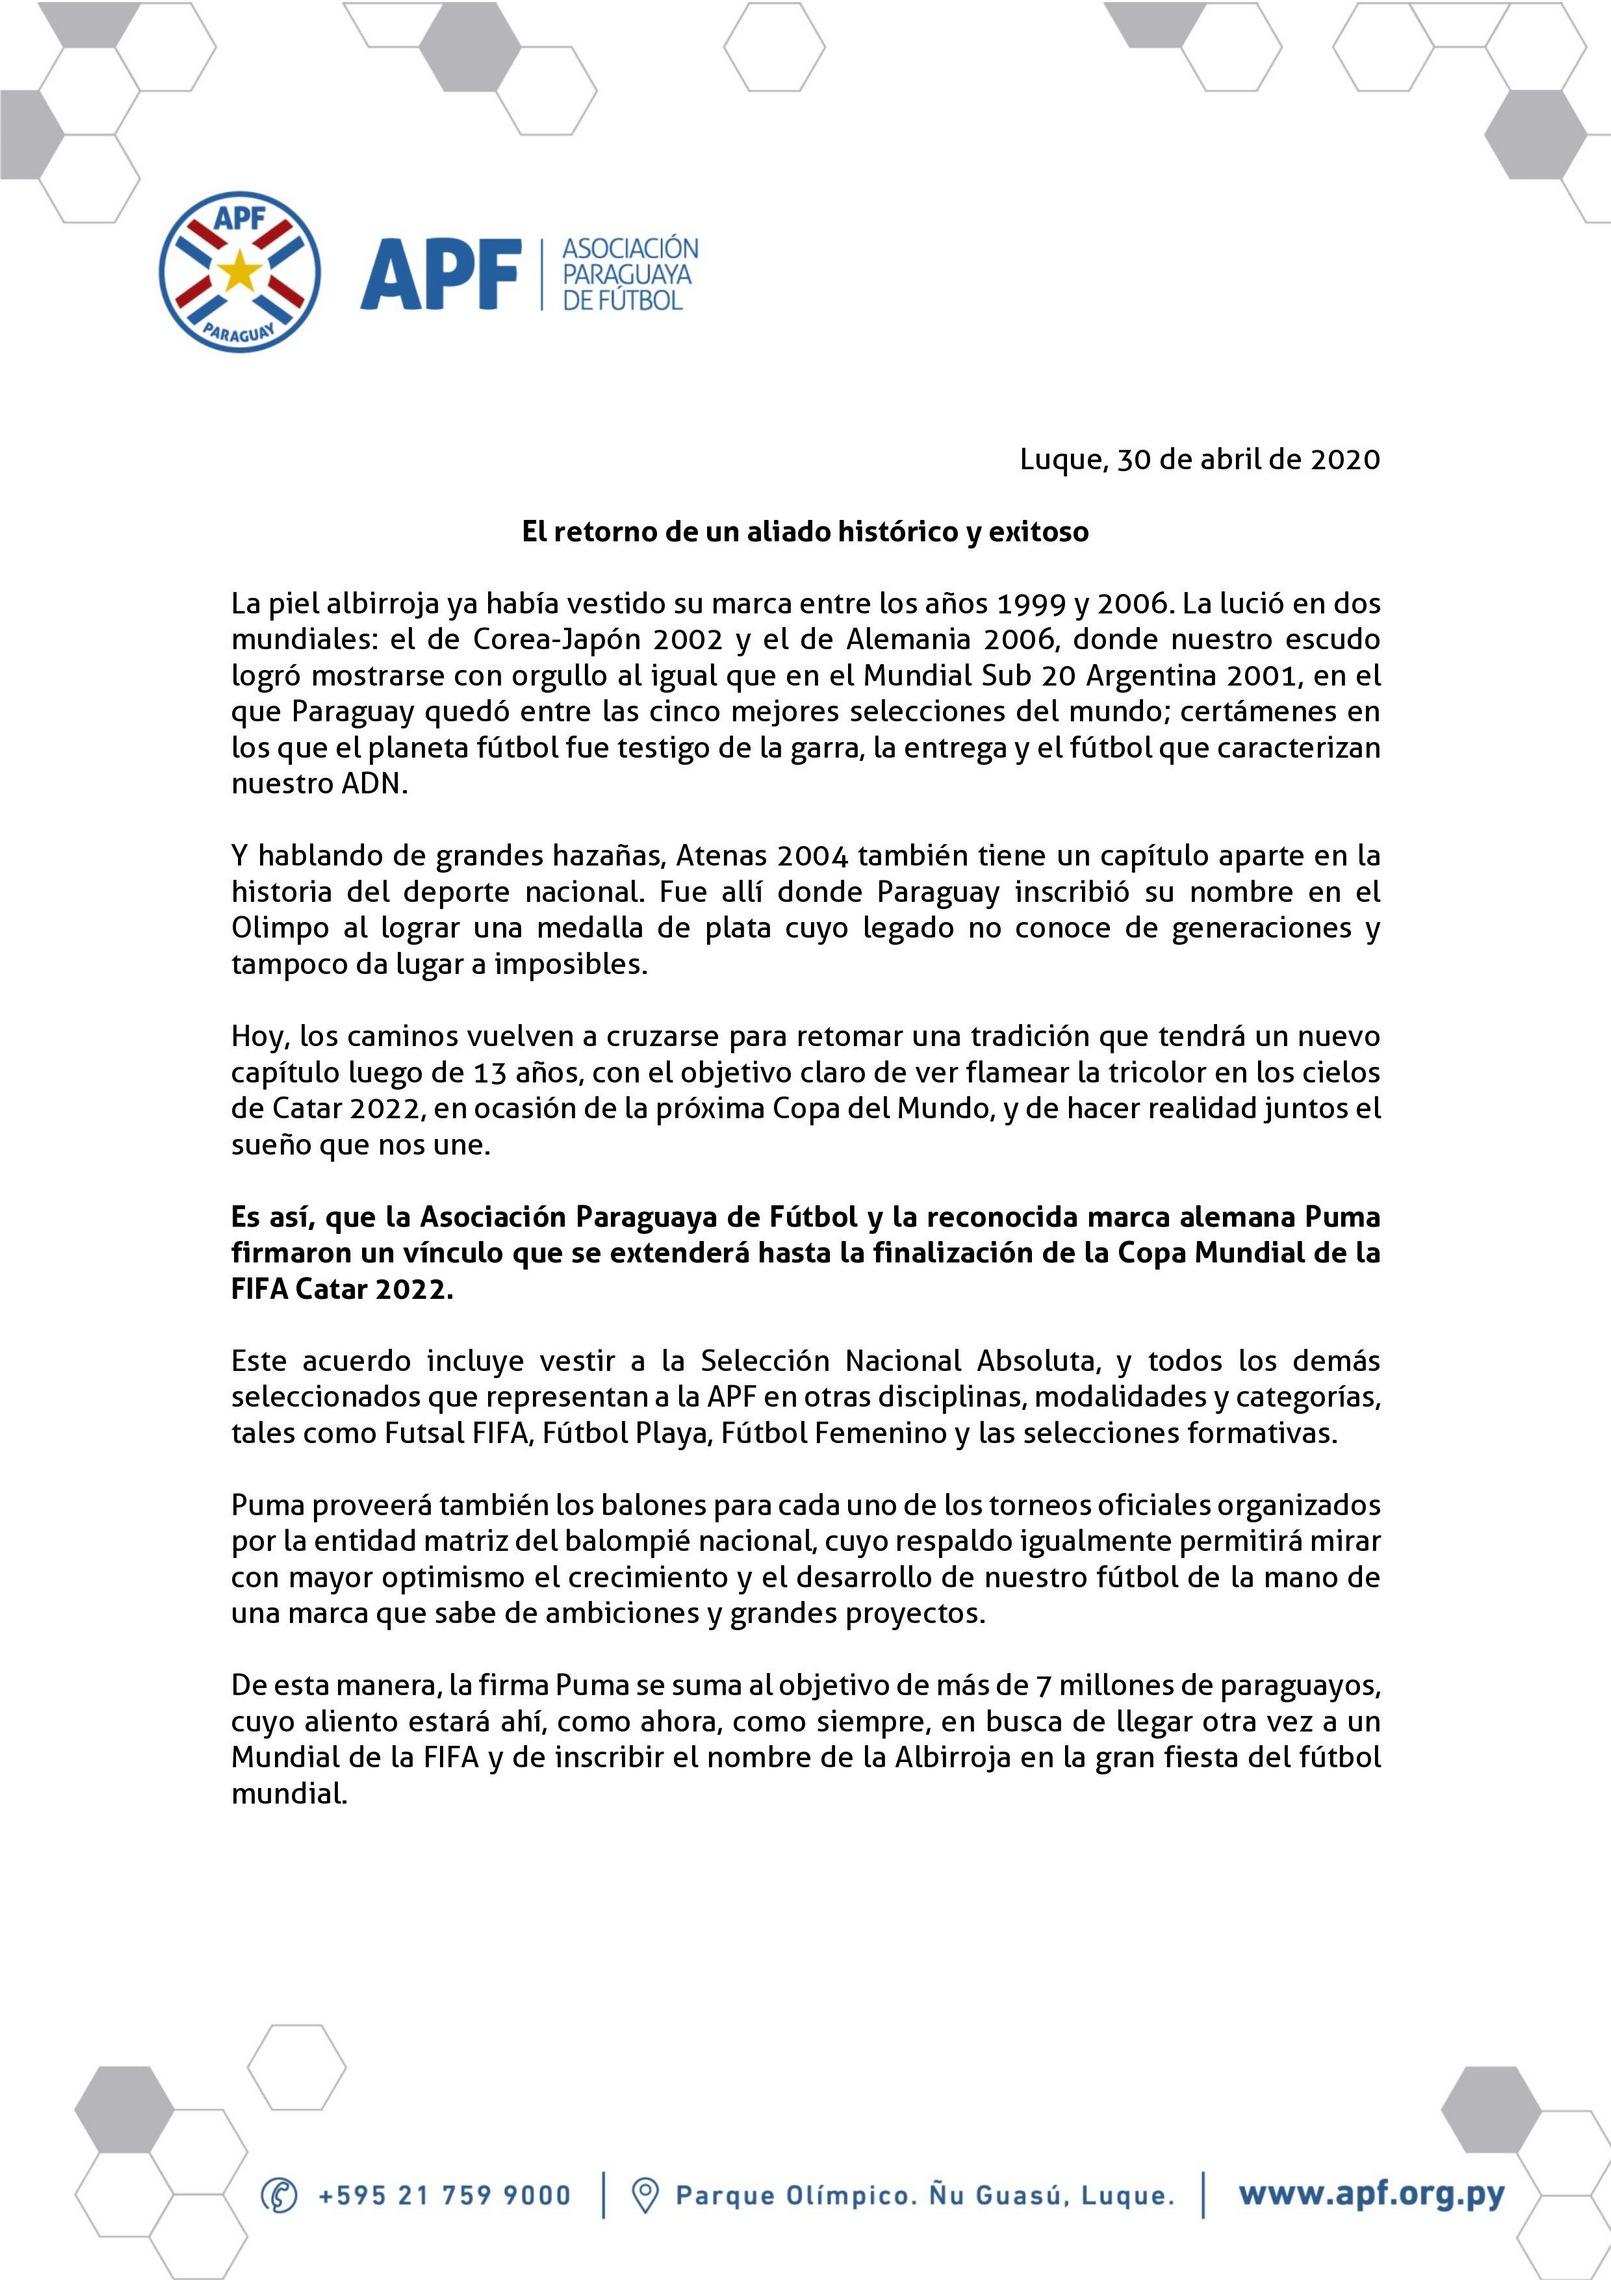 Comunicado oficial de la APF | Imagen Web Oficial